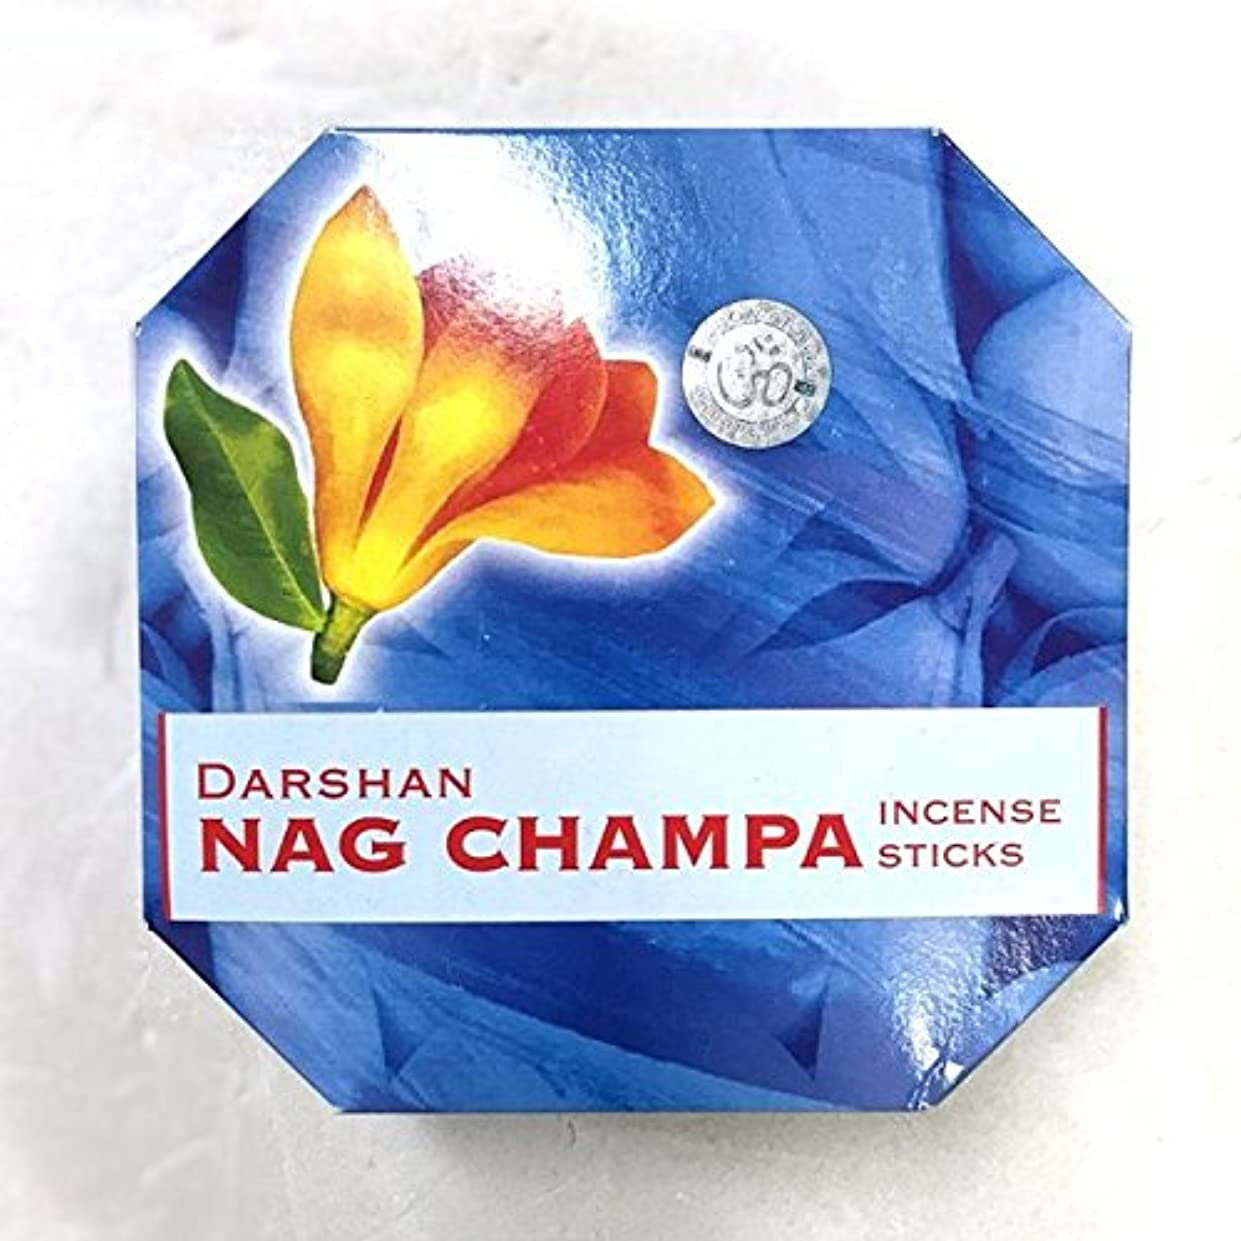 世界記録のギネスブック混乱させるクローゼットバリタイ お香 ナグチャンパ/NAG CHANPA 渦巻き香